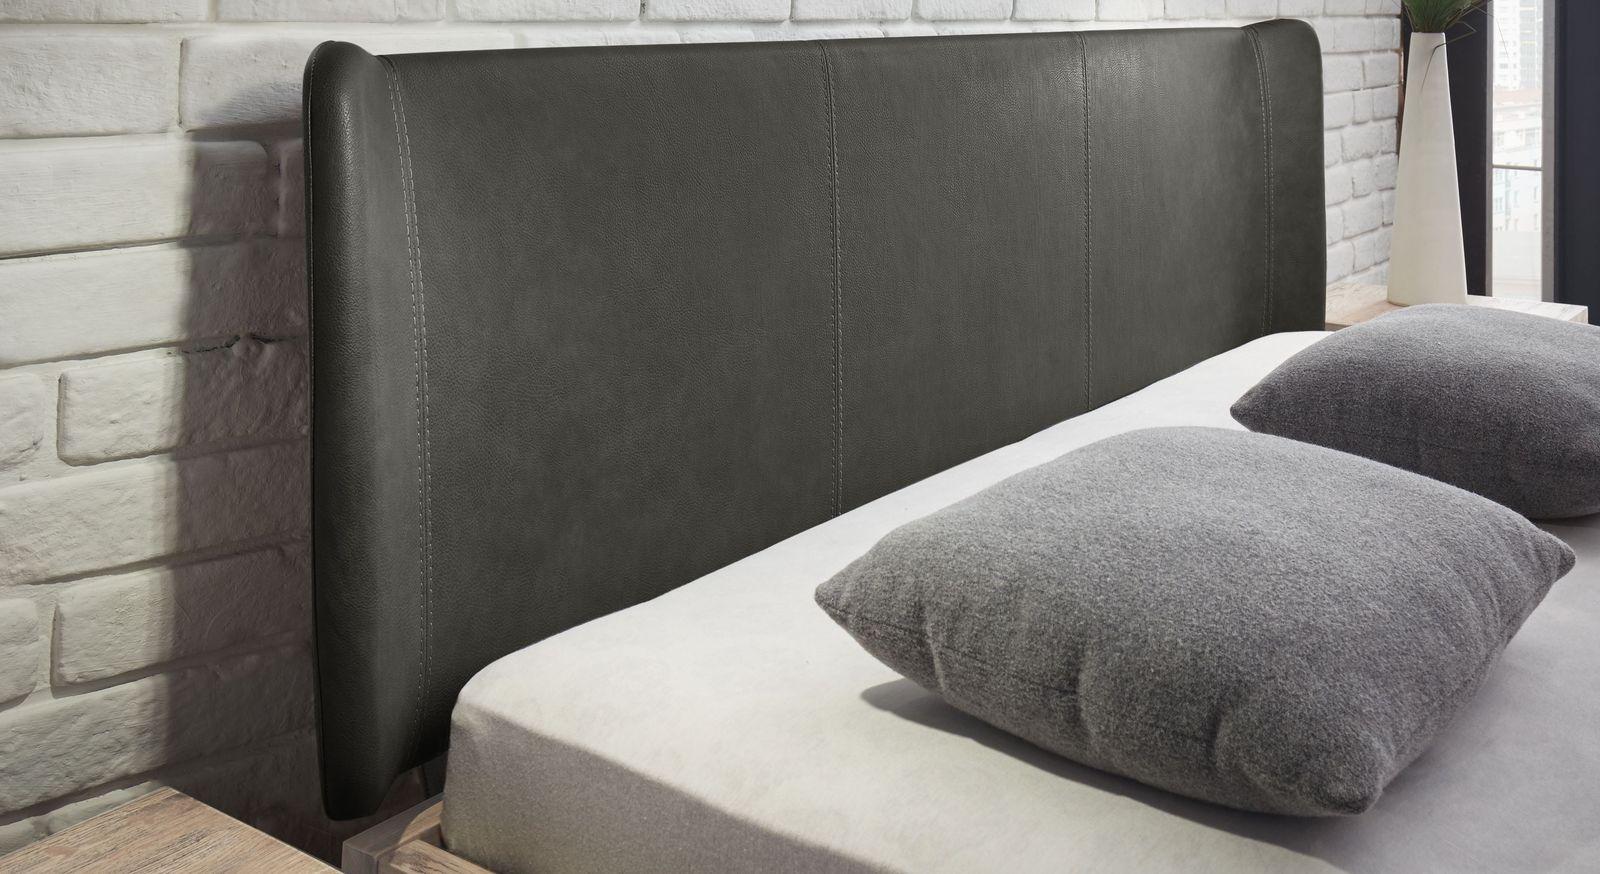 Bett Imatra & Passo mit Kopfteil aus Luxus-Kunstleder